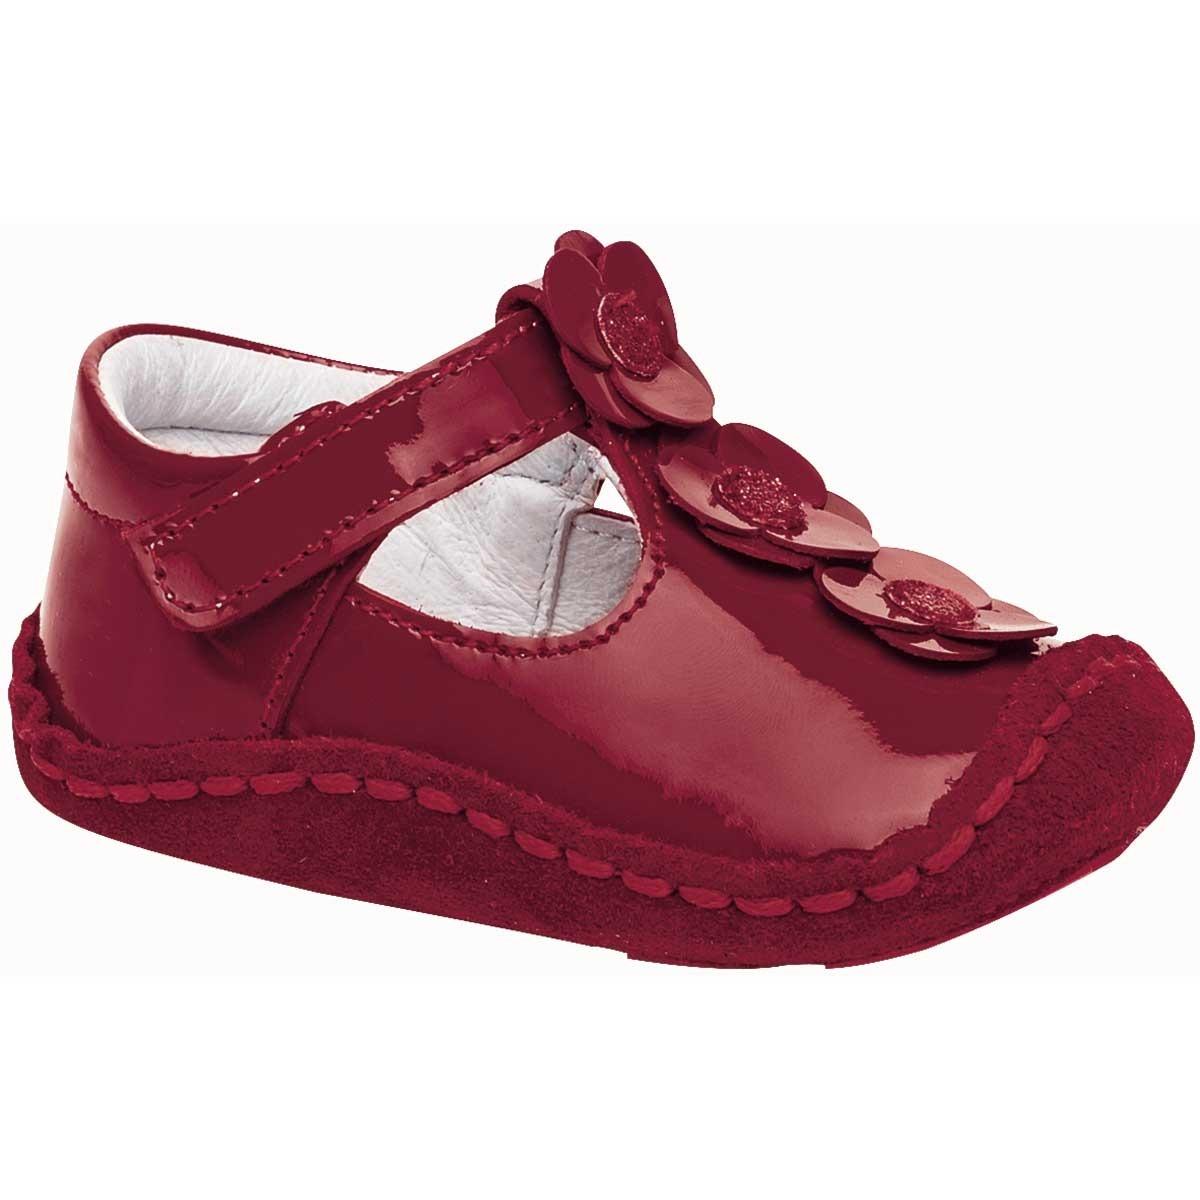 marca 62272 para zoom zapatos ensueño rojo Cargando bebe color charol  07xwEPx f68c4d9bb450